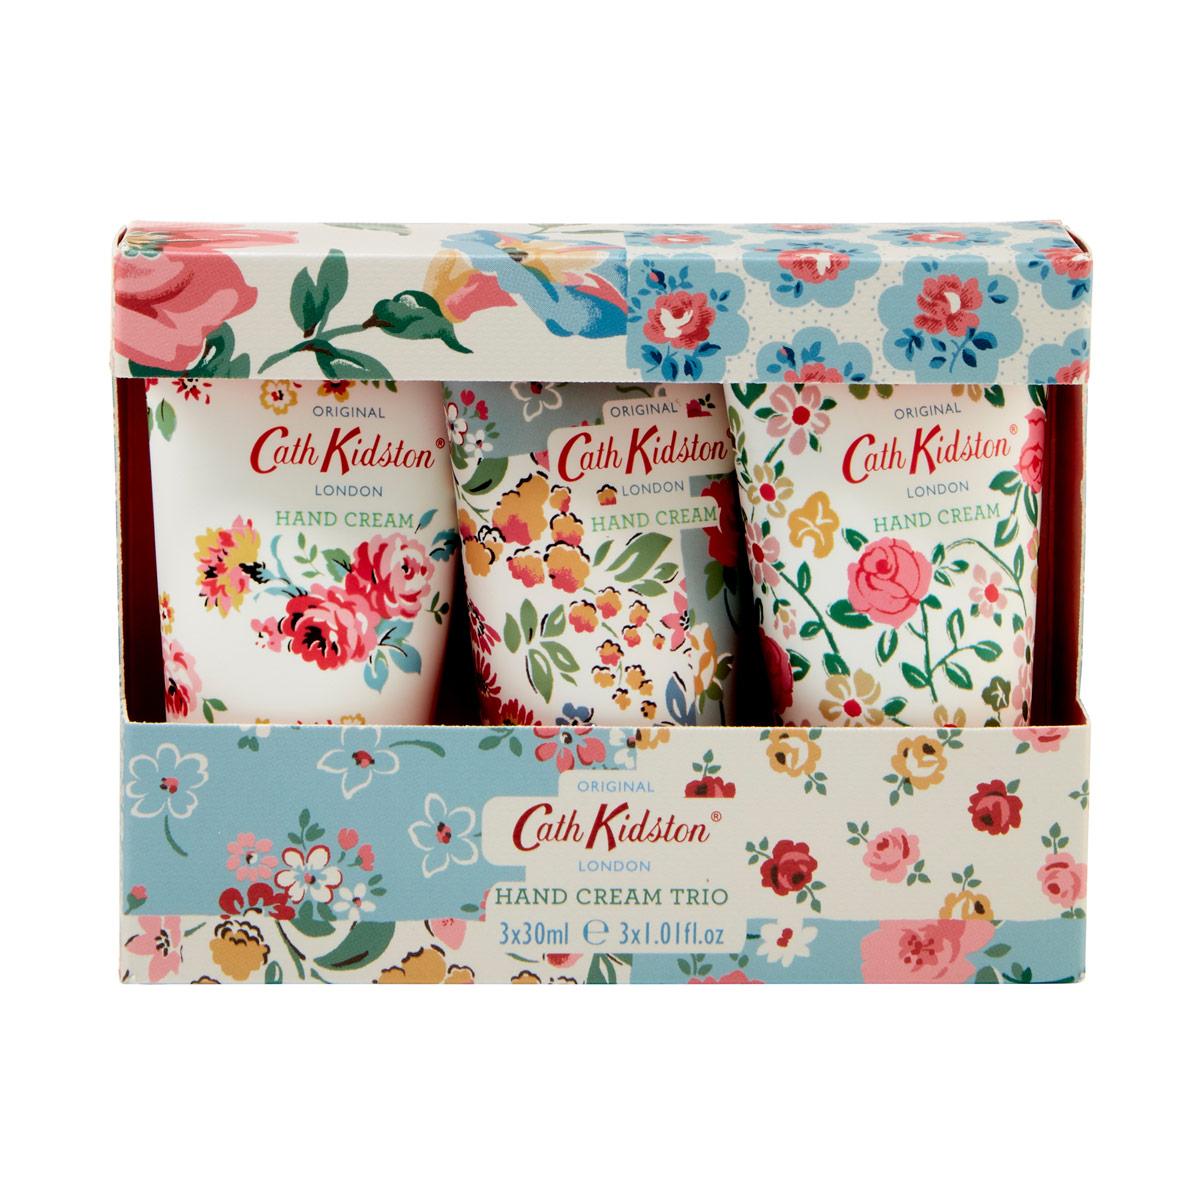 Cath Kidston Cottage Patchwork Hand Cream Trio